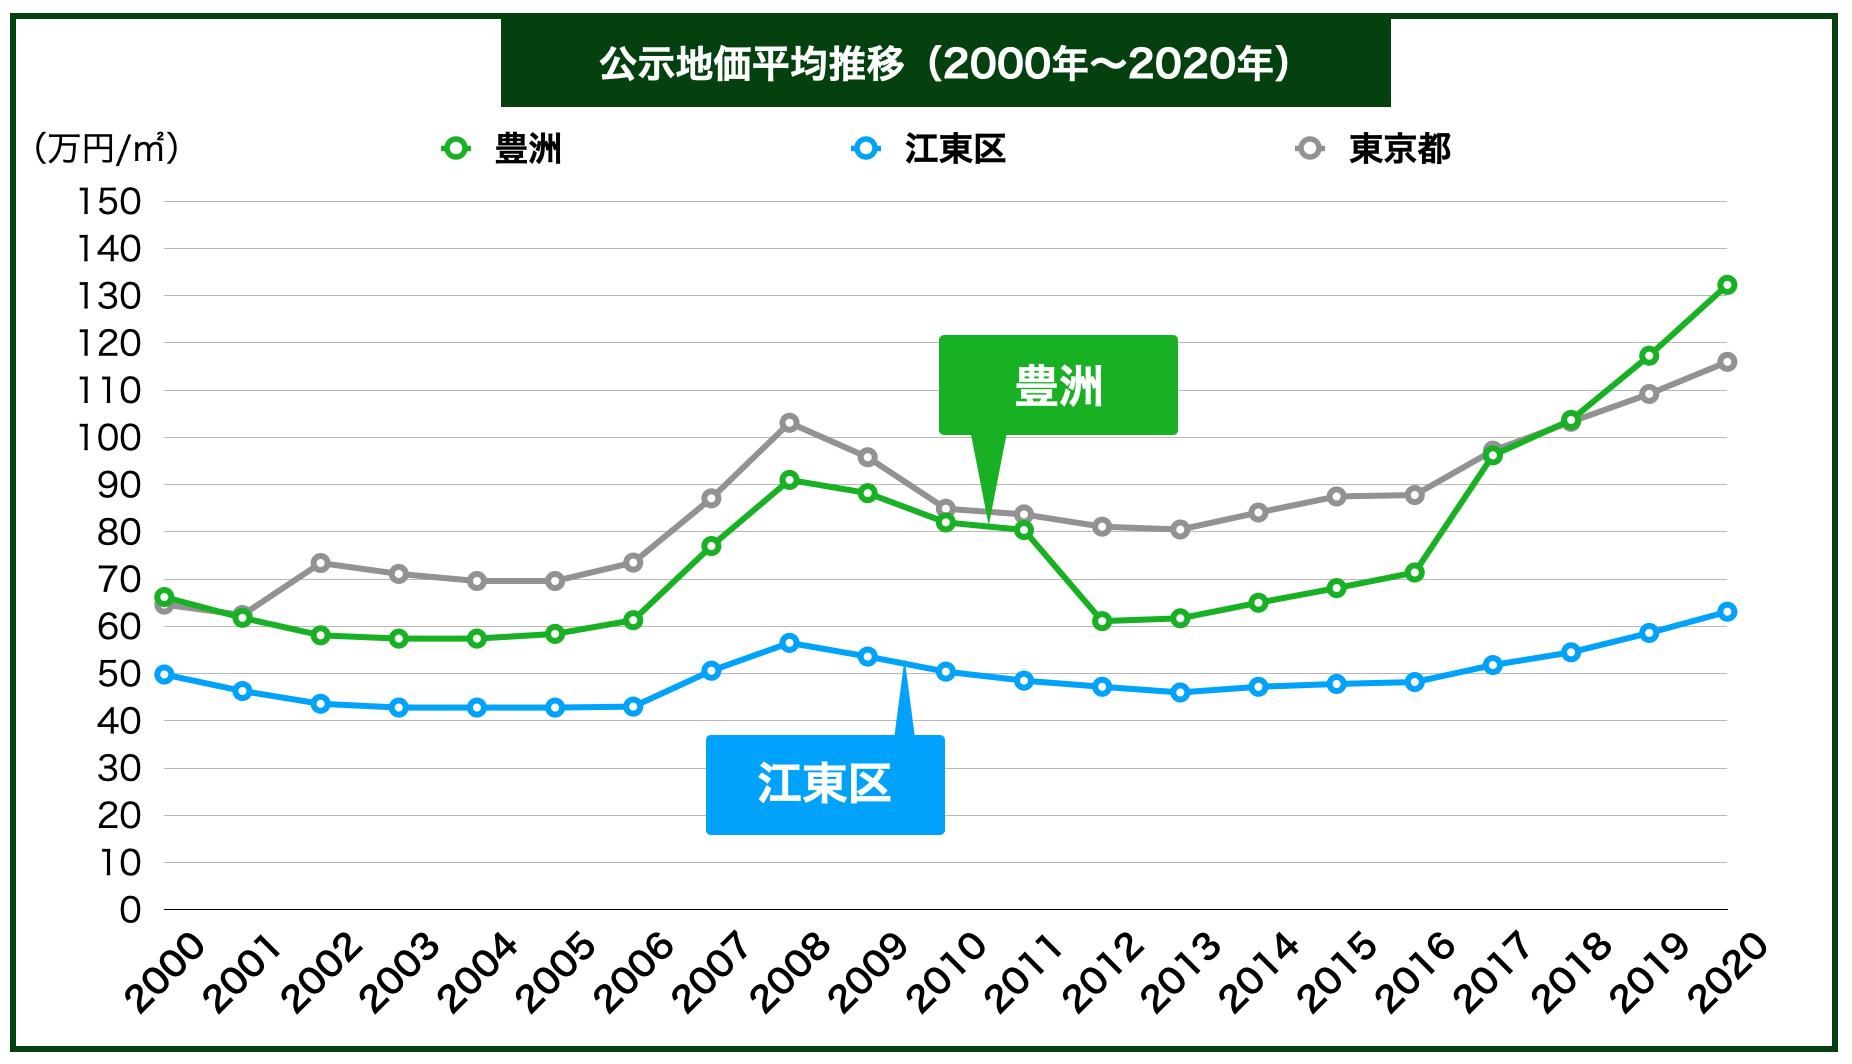 豊洲の公示地価の推移